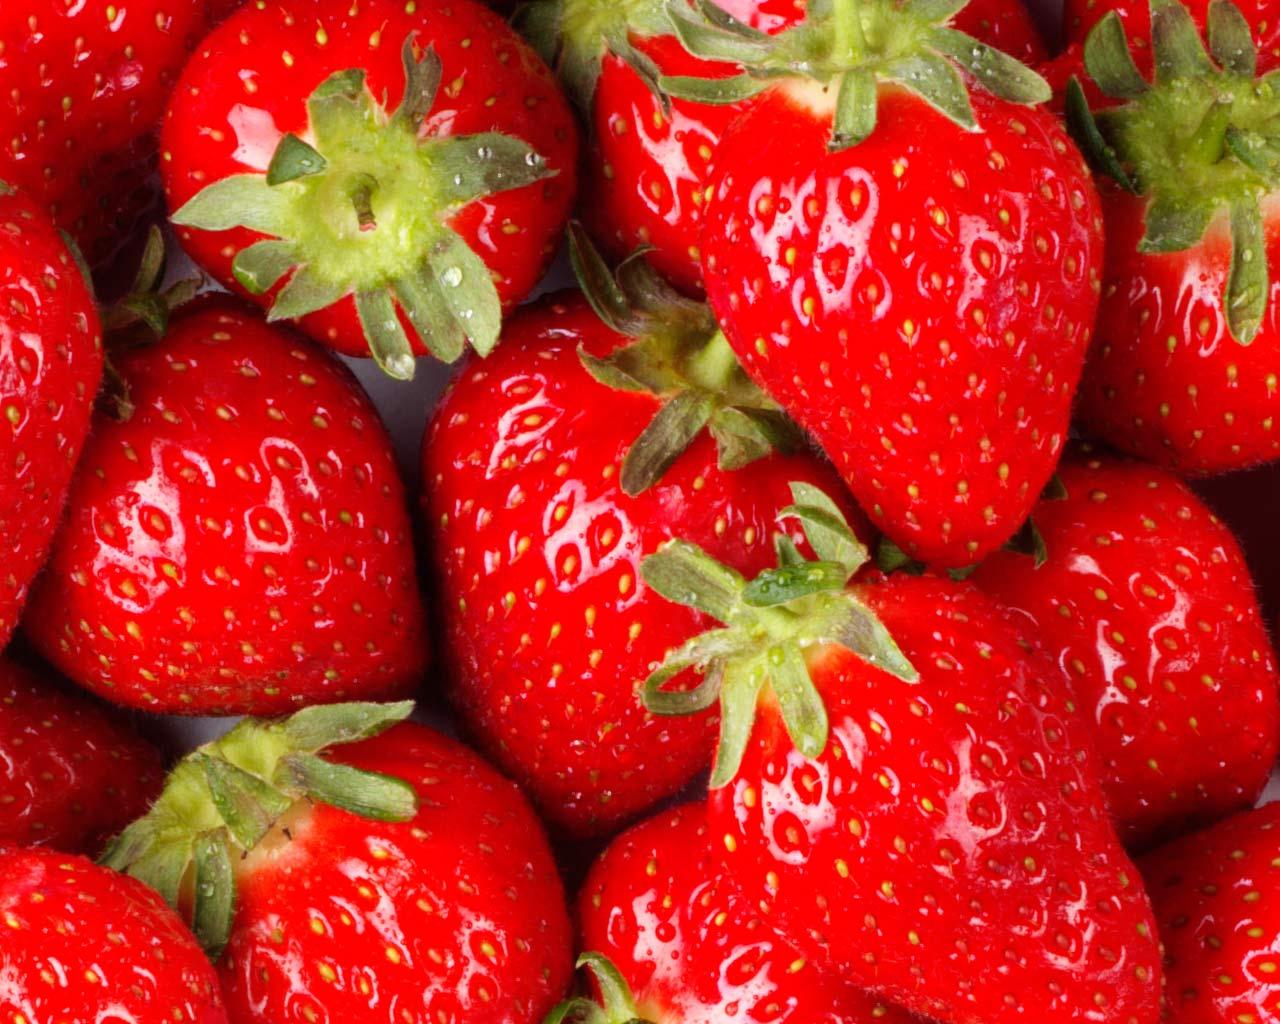 Strawberry Overdose!